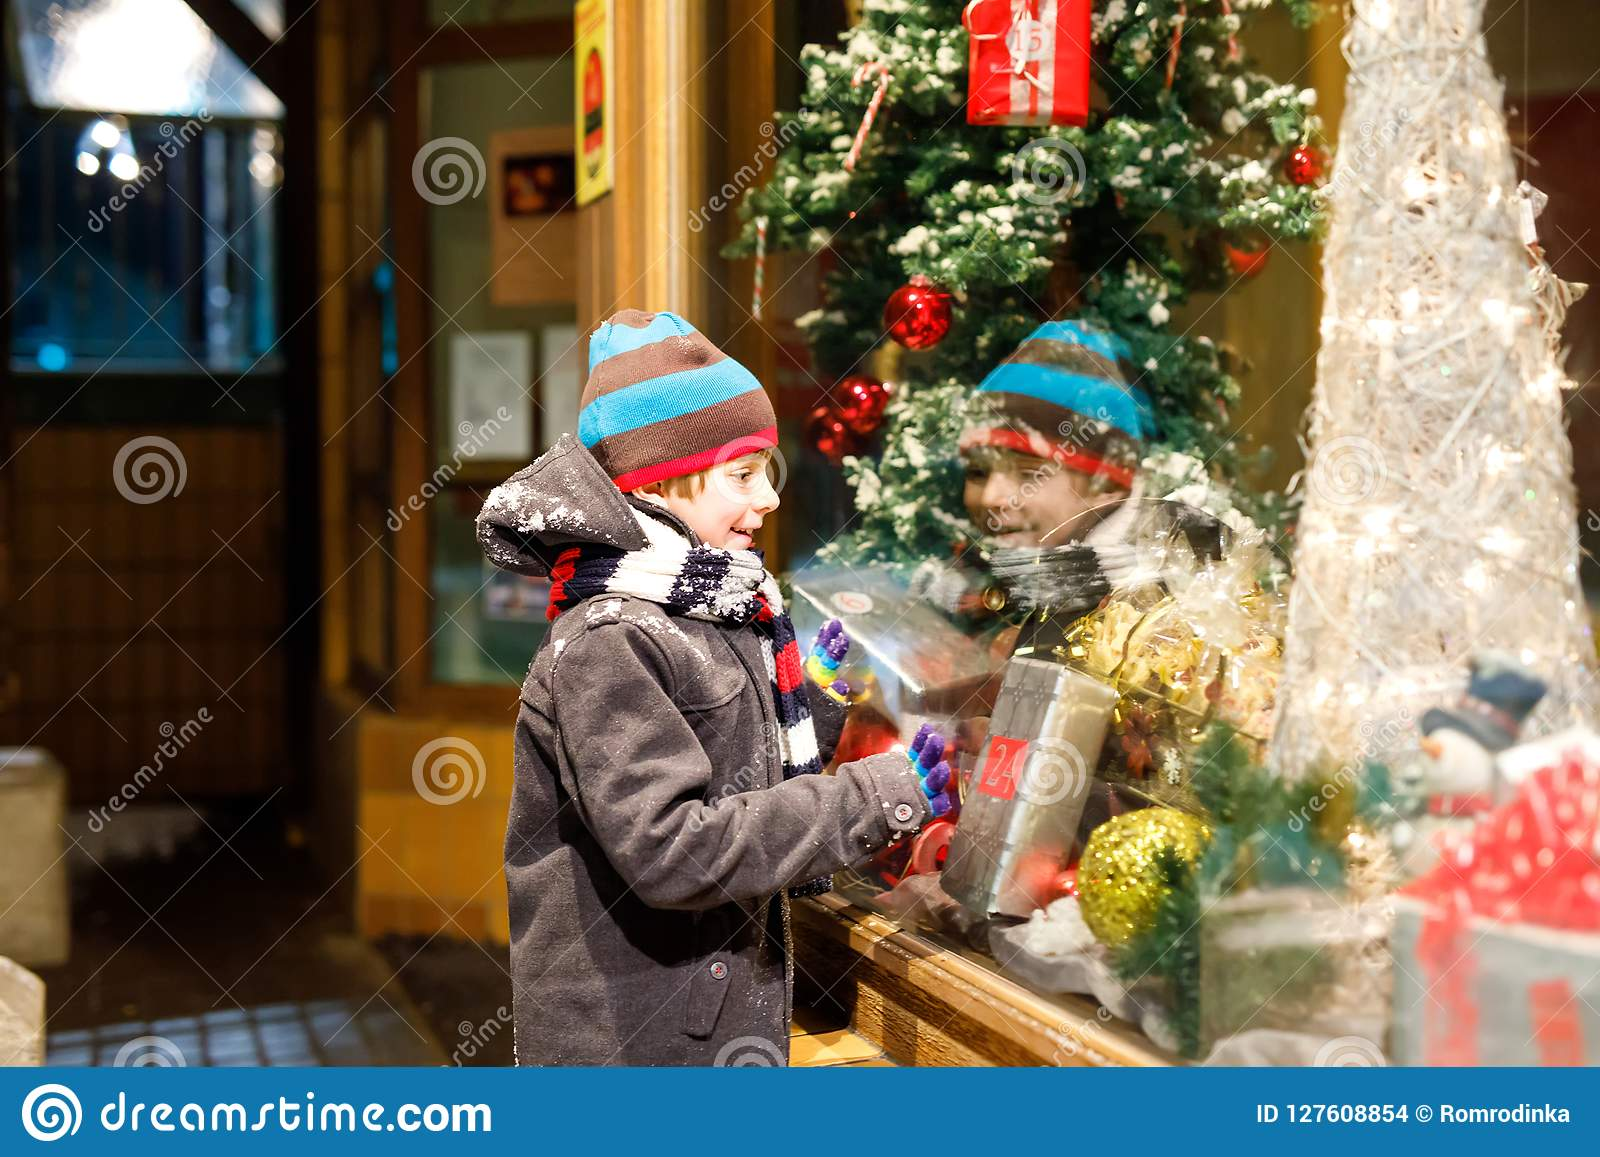 用礼物在时尚冬天给做窗口购物穿衣装饰的滑稽的愉快的孩子, xmas树